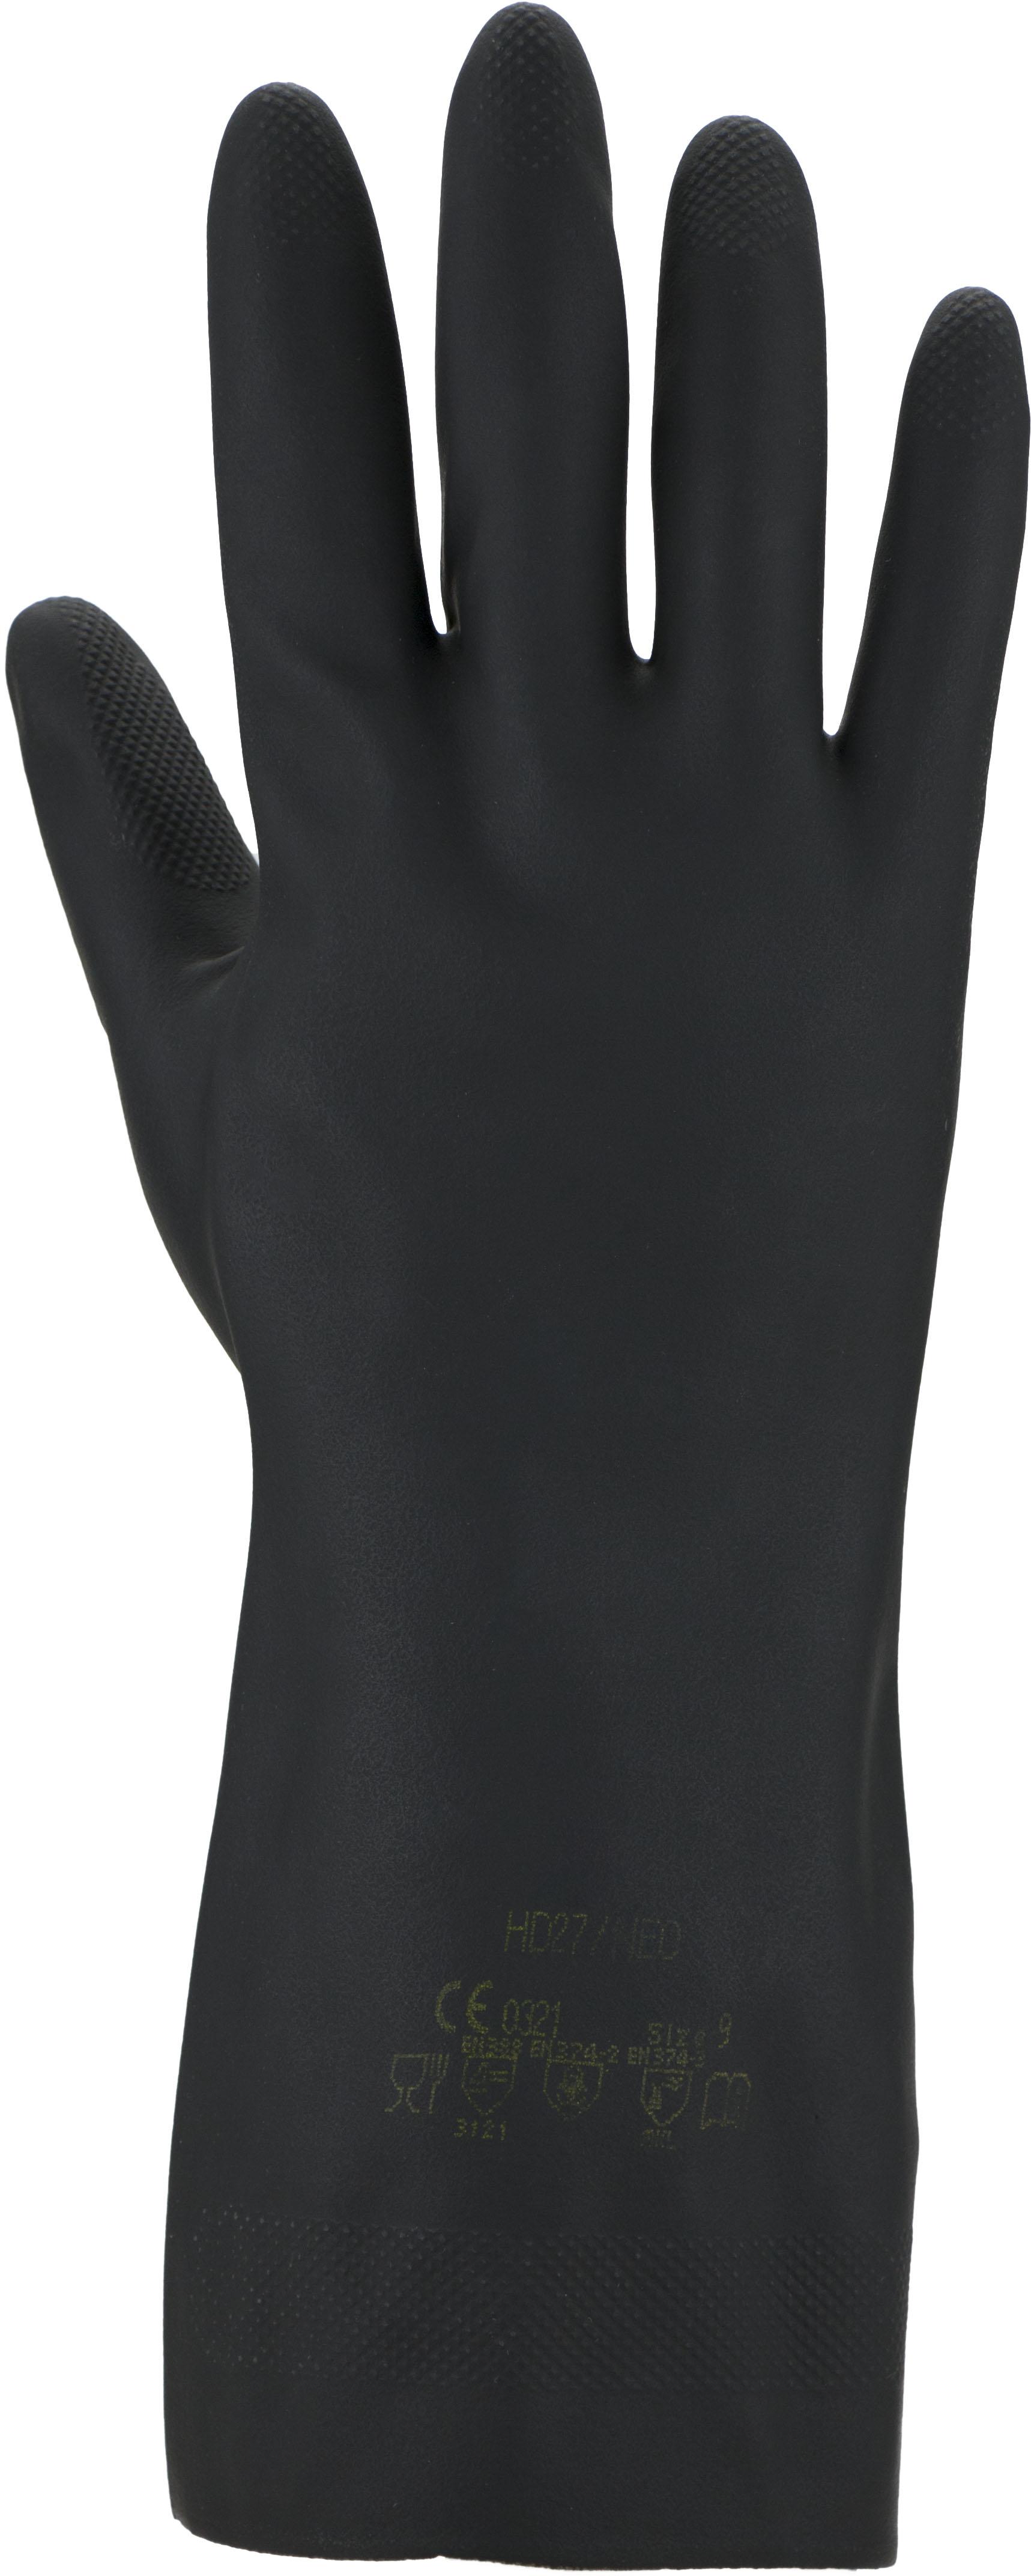 Chemikalienschutz-Handschuh Neoprene